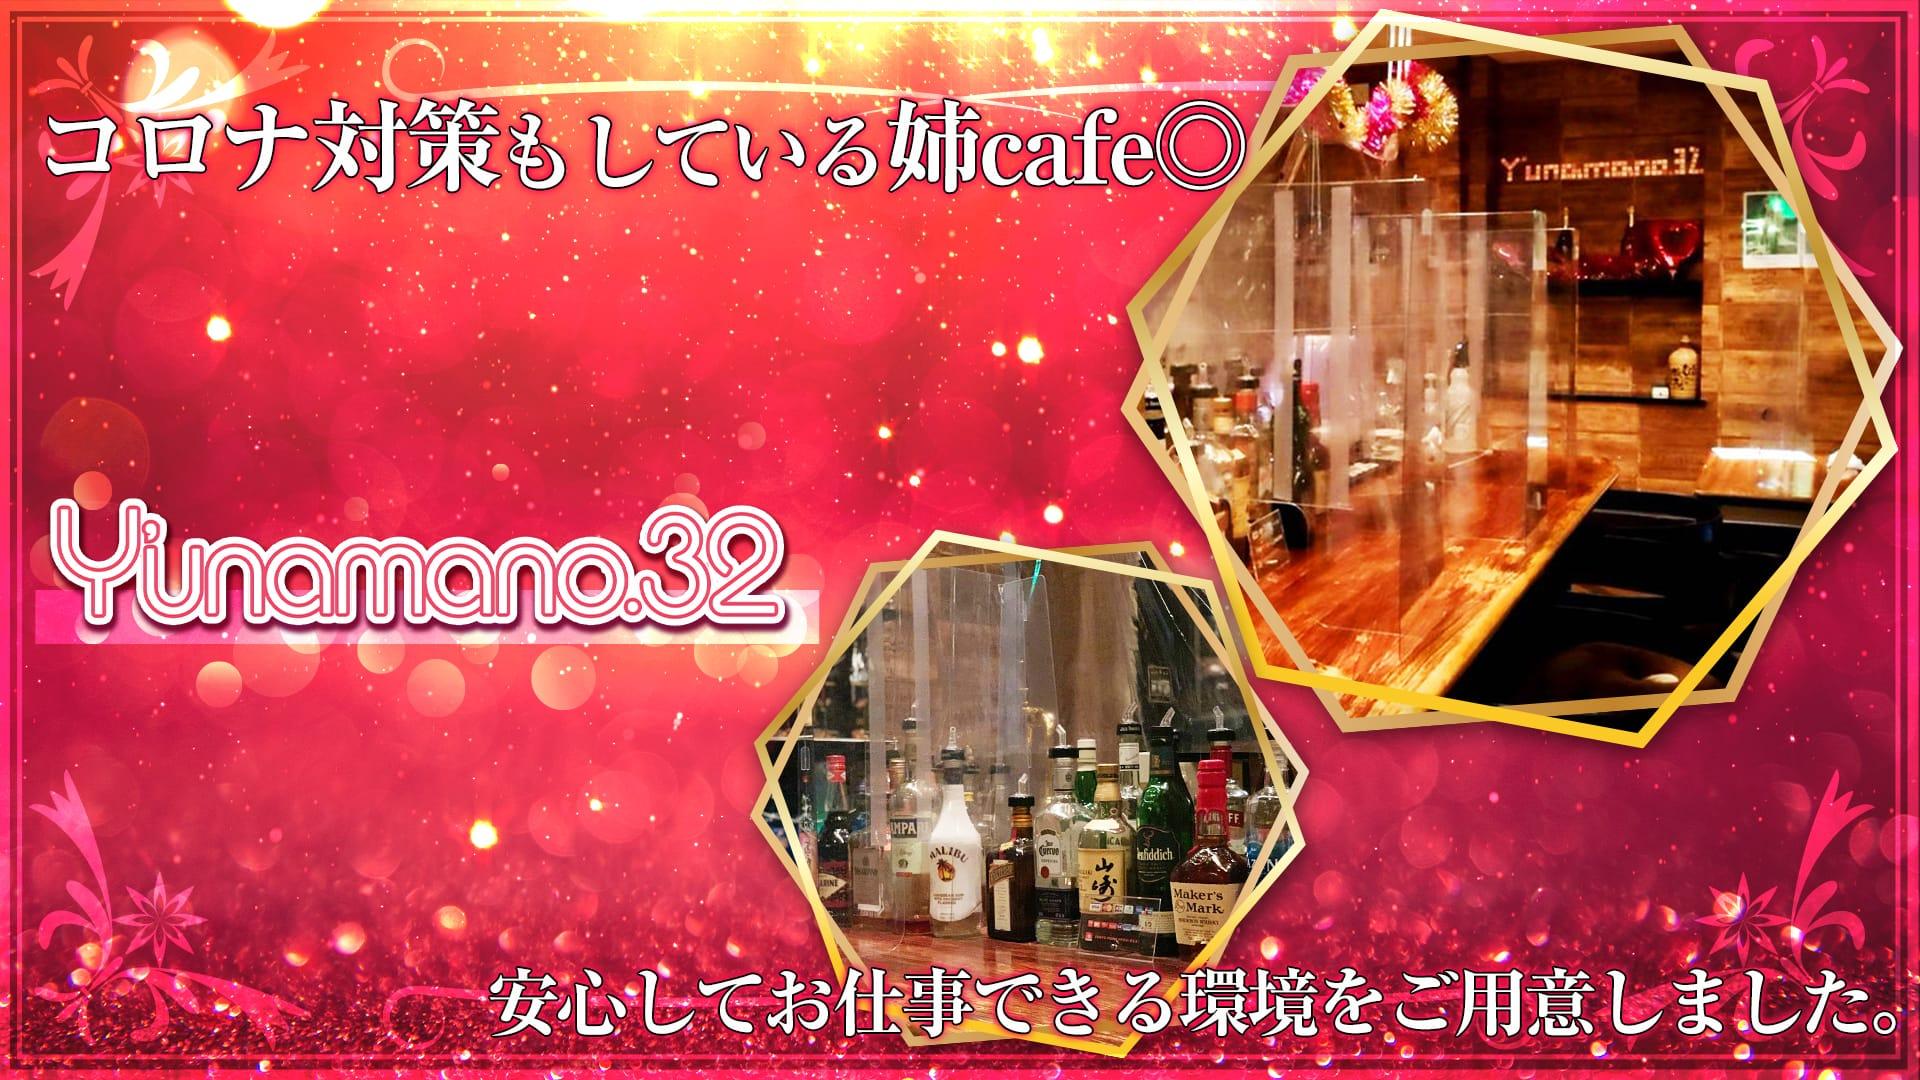 姉カフェ Y'unamano.32 自由が丘店(ユナマノミニ) 渋谷ガールズバー TOP画像